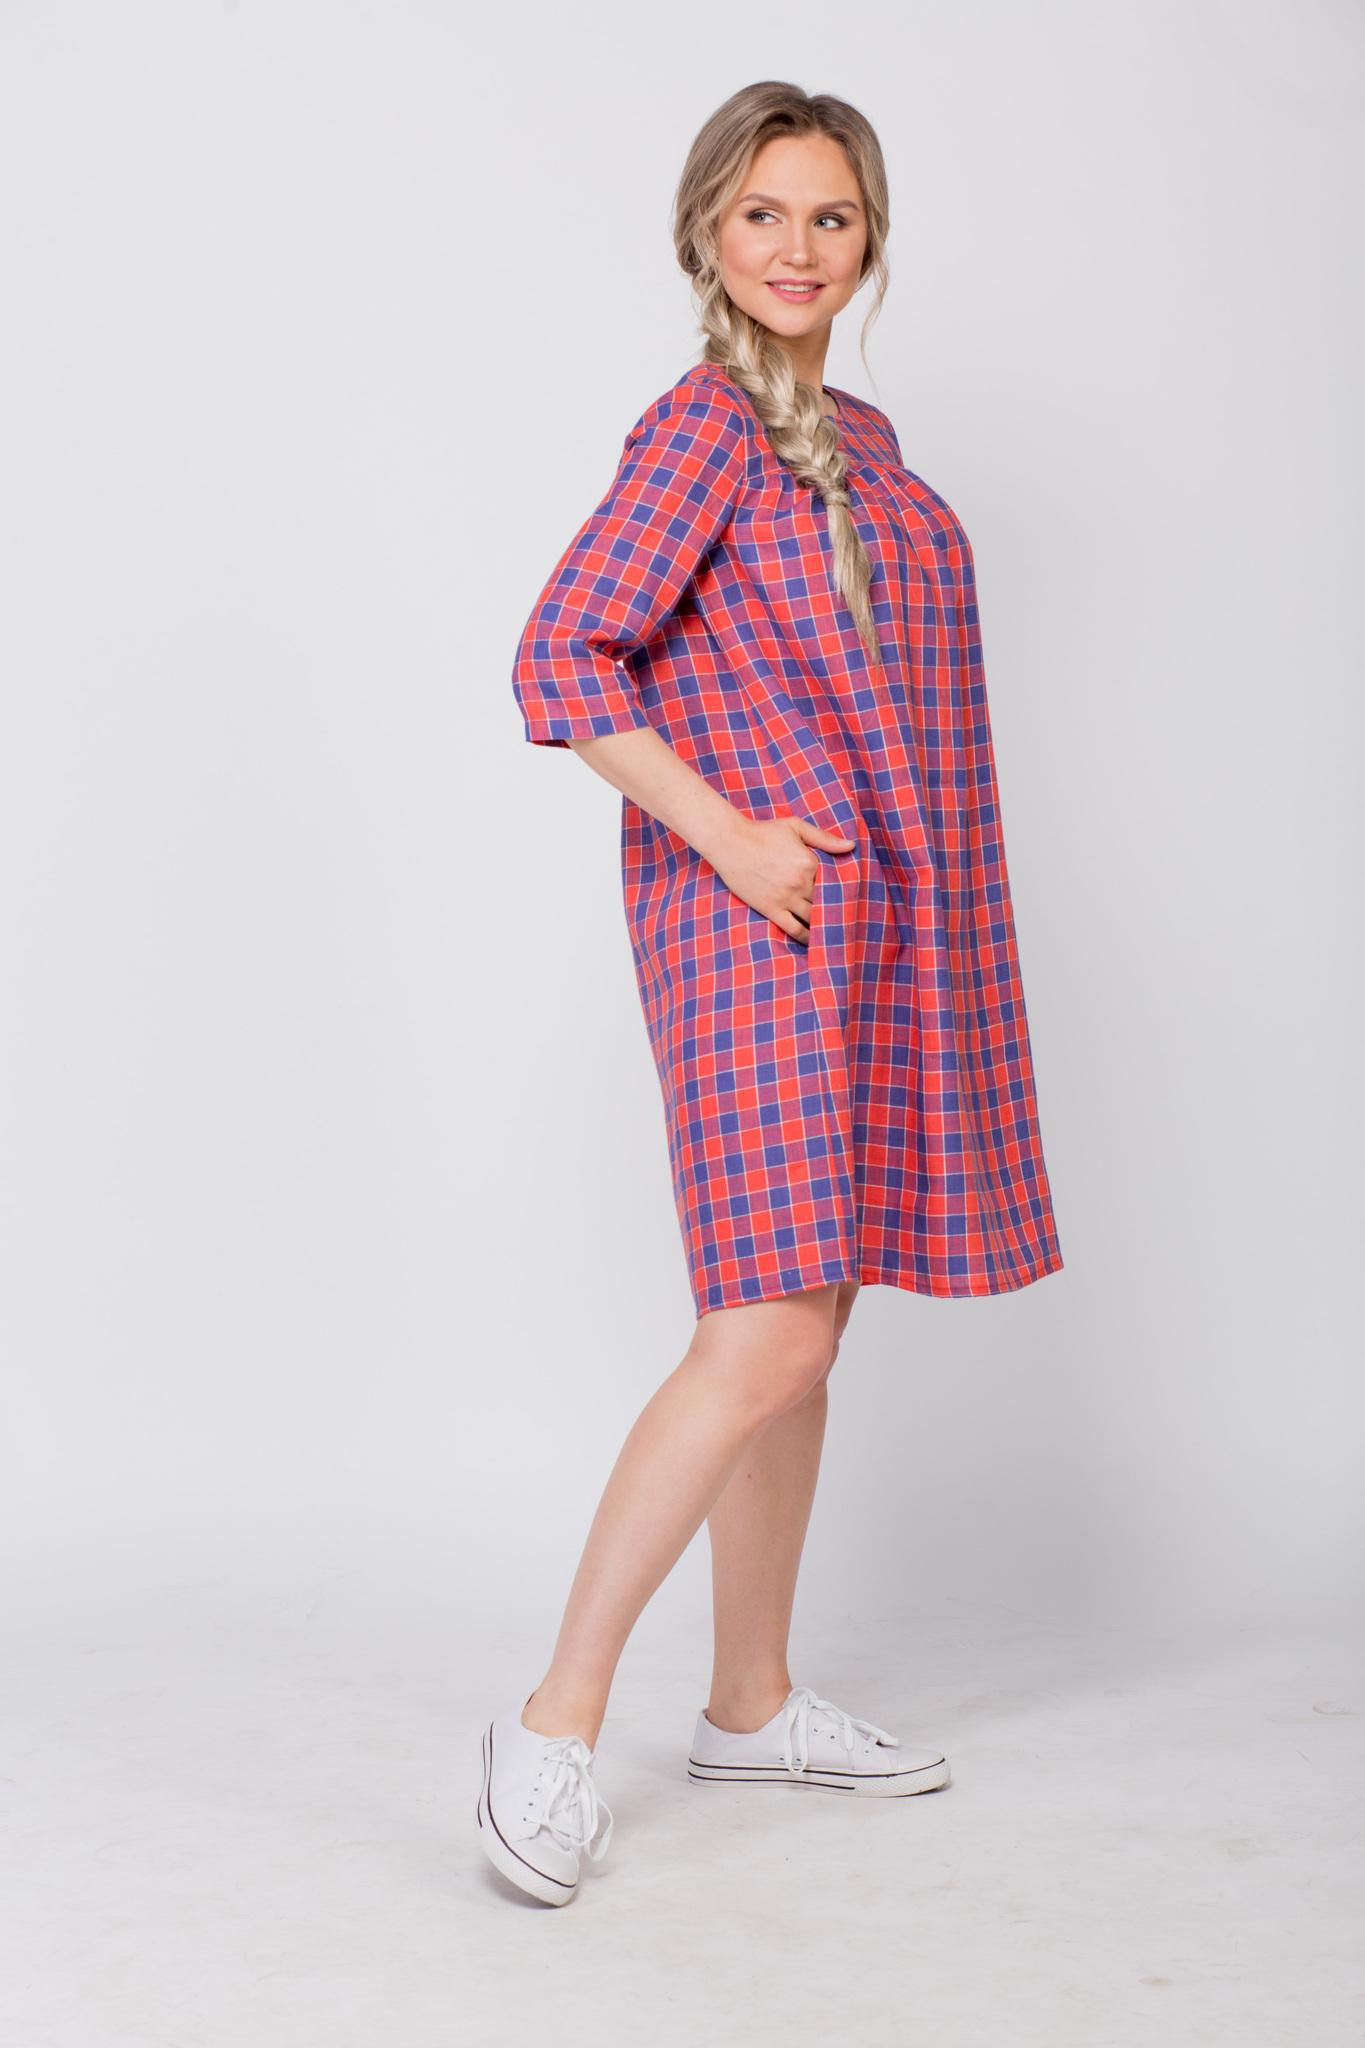 Платье льняное Хобби вид сбоку с карманом